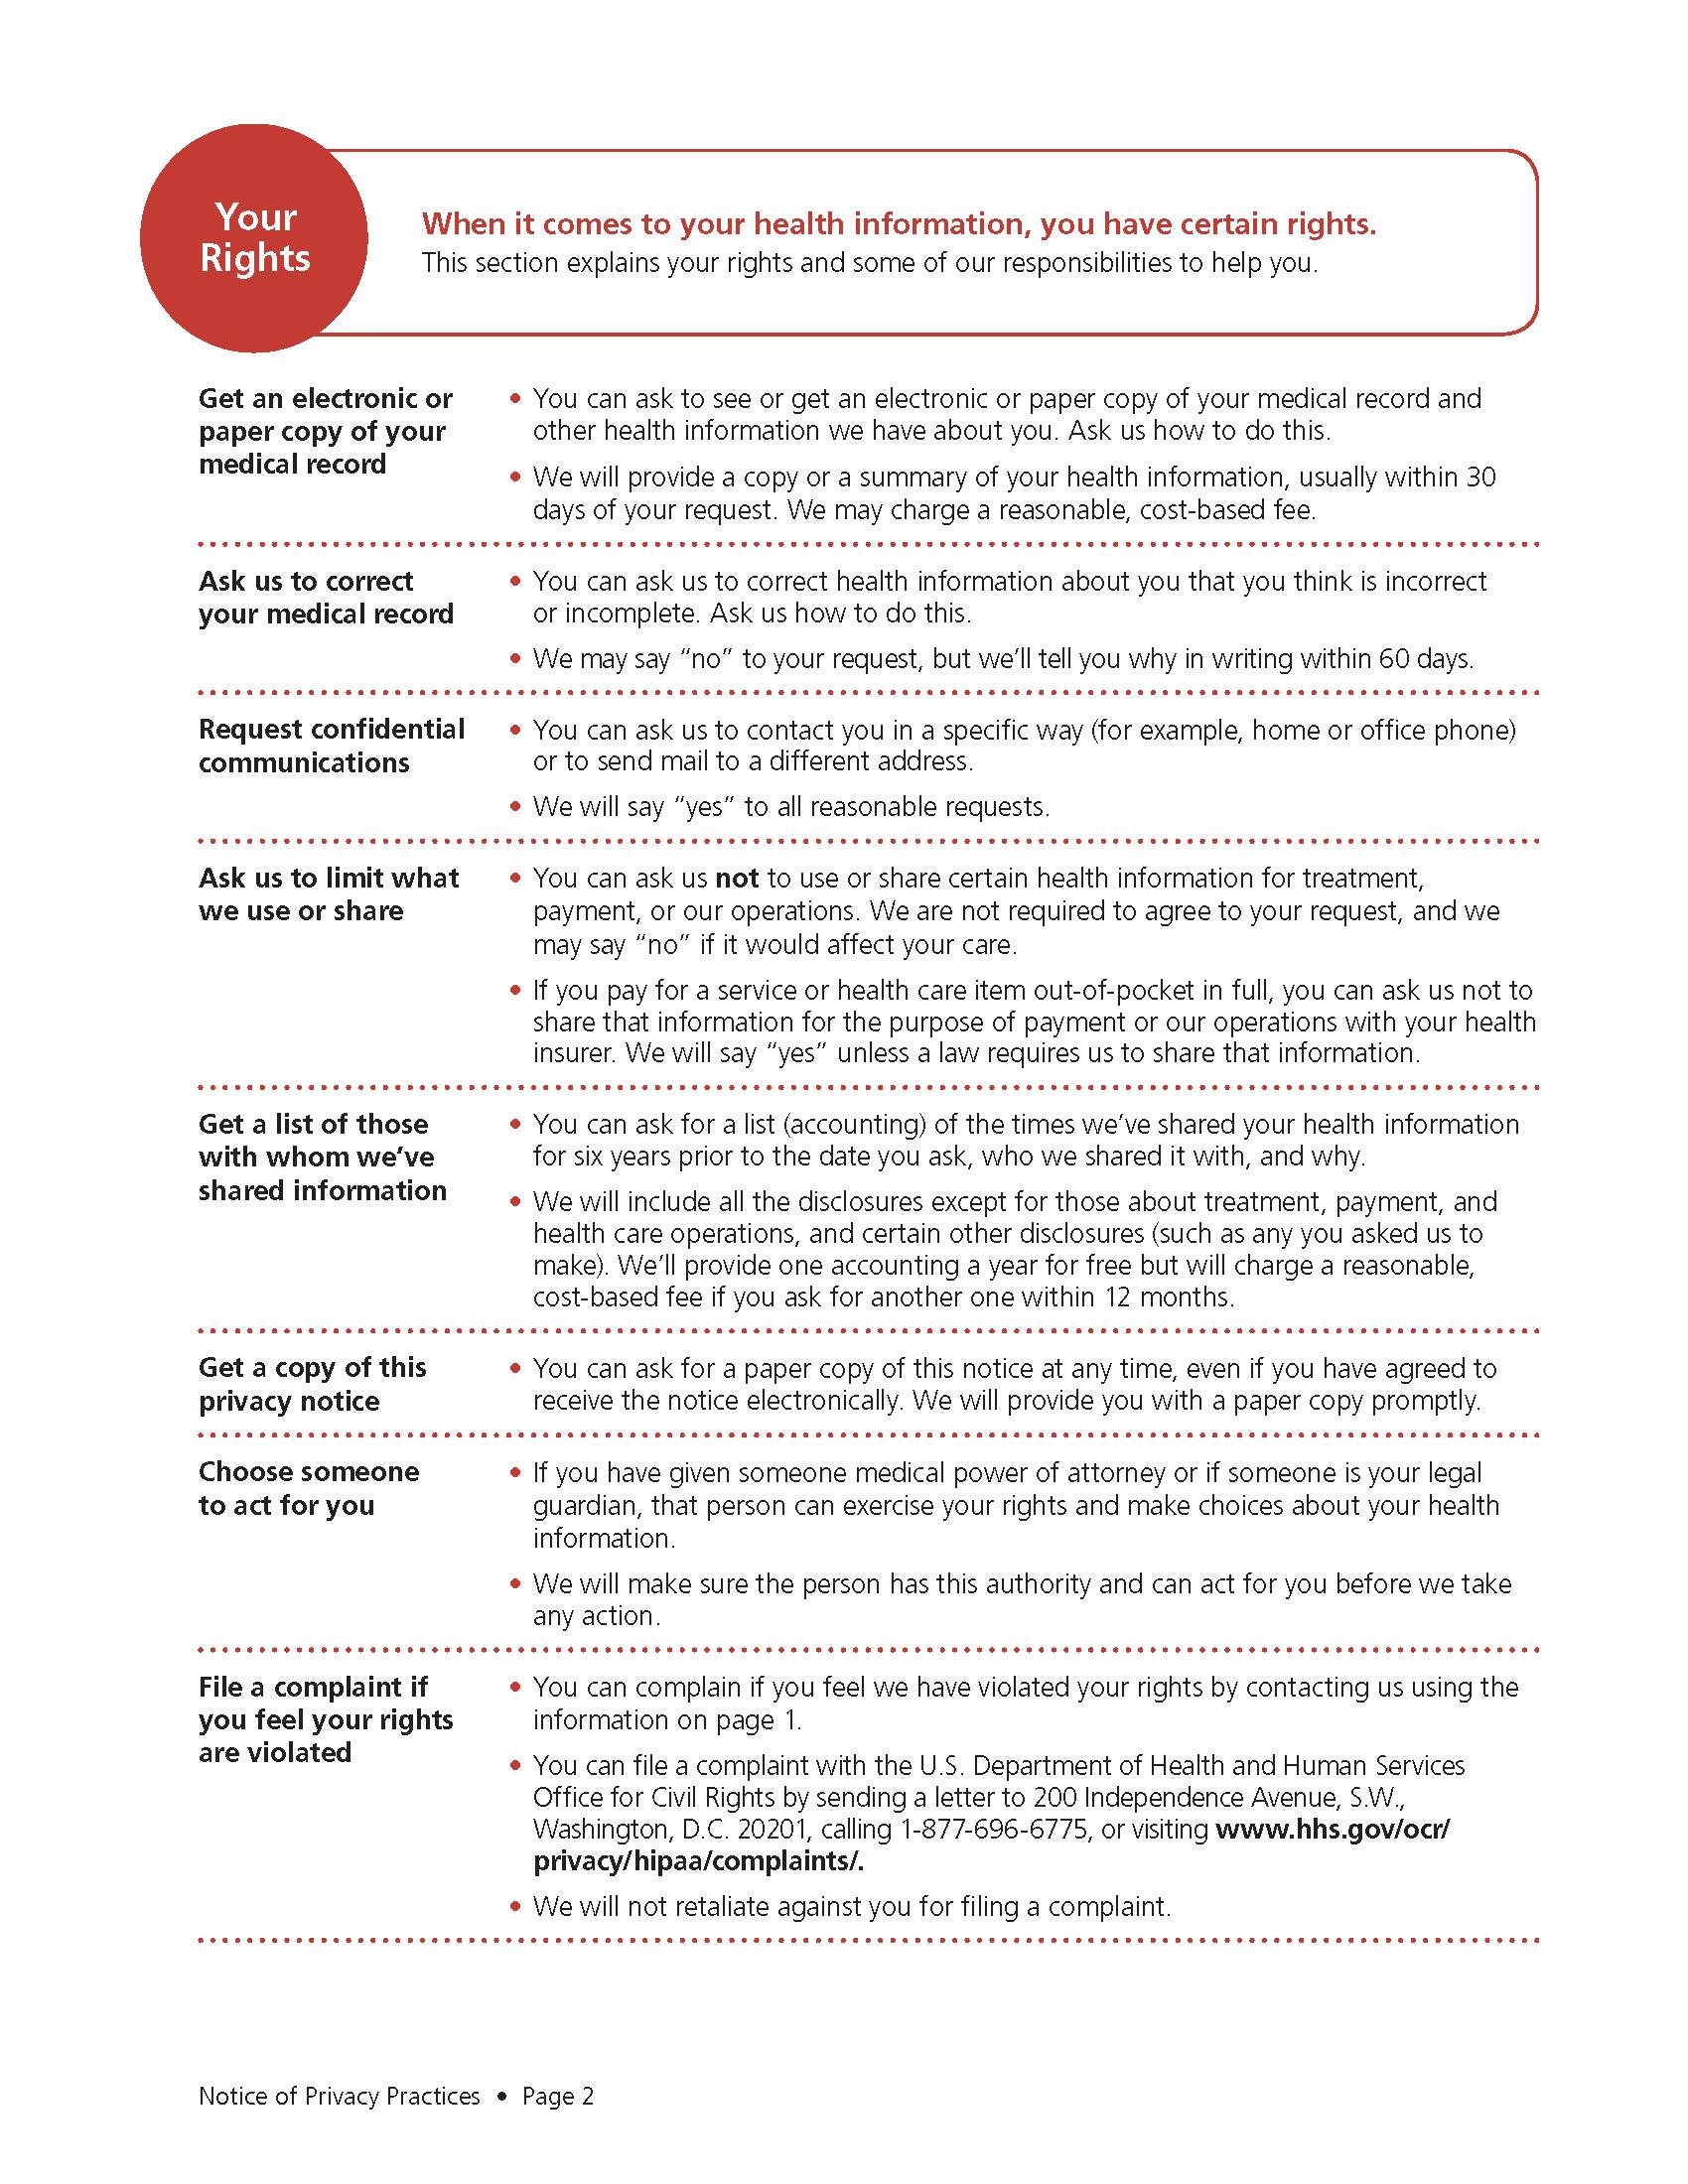 HIPAA page 2